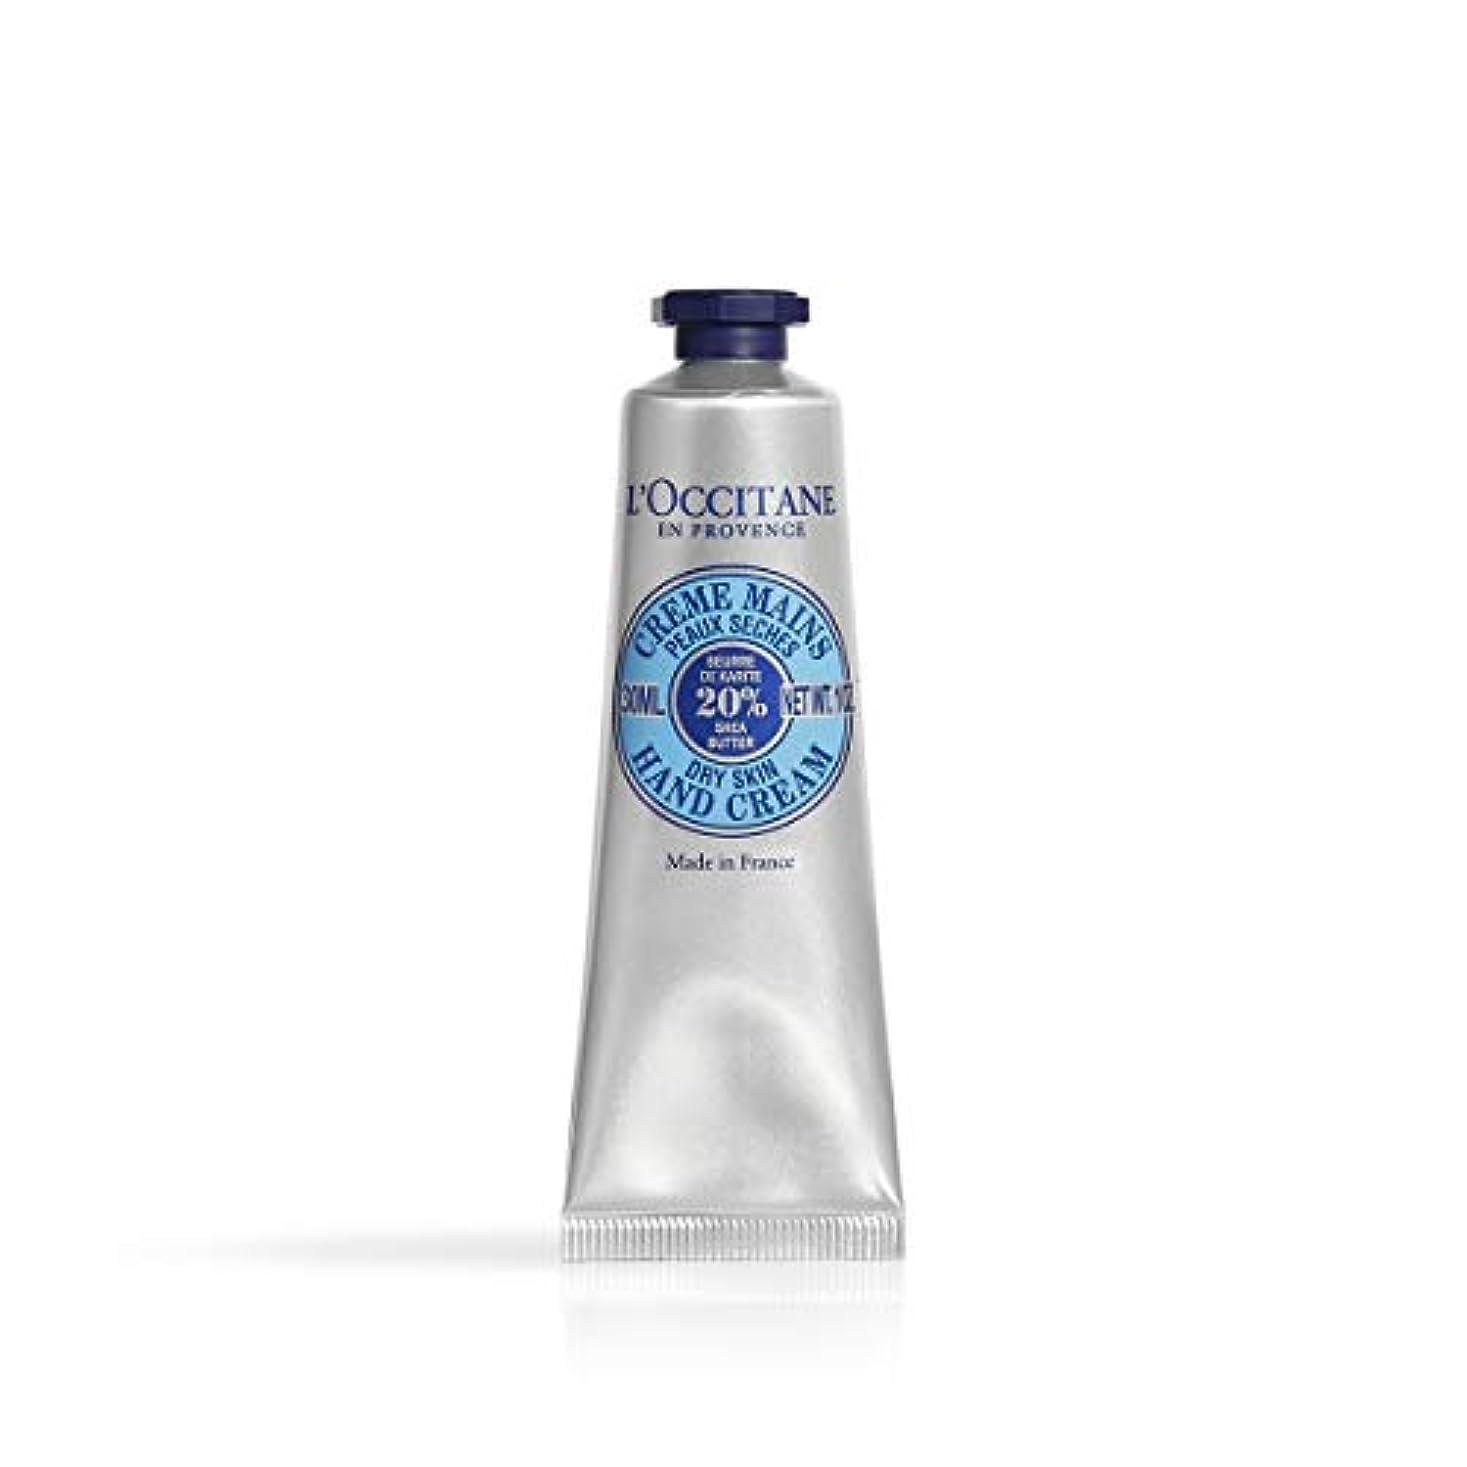 デンマーク語不愉快一杯ロクシタン(L'OCCITANE) シア ハンドクリーム 30ml